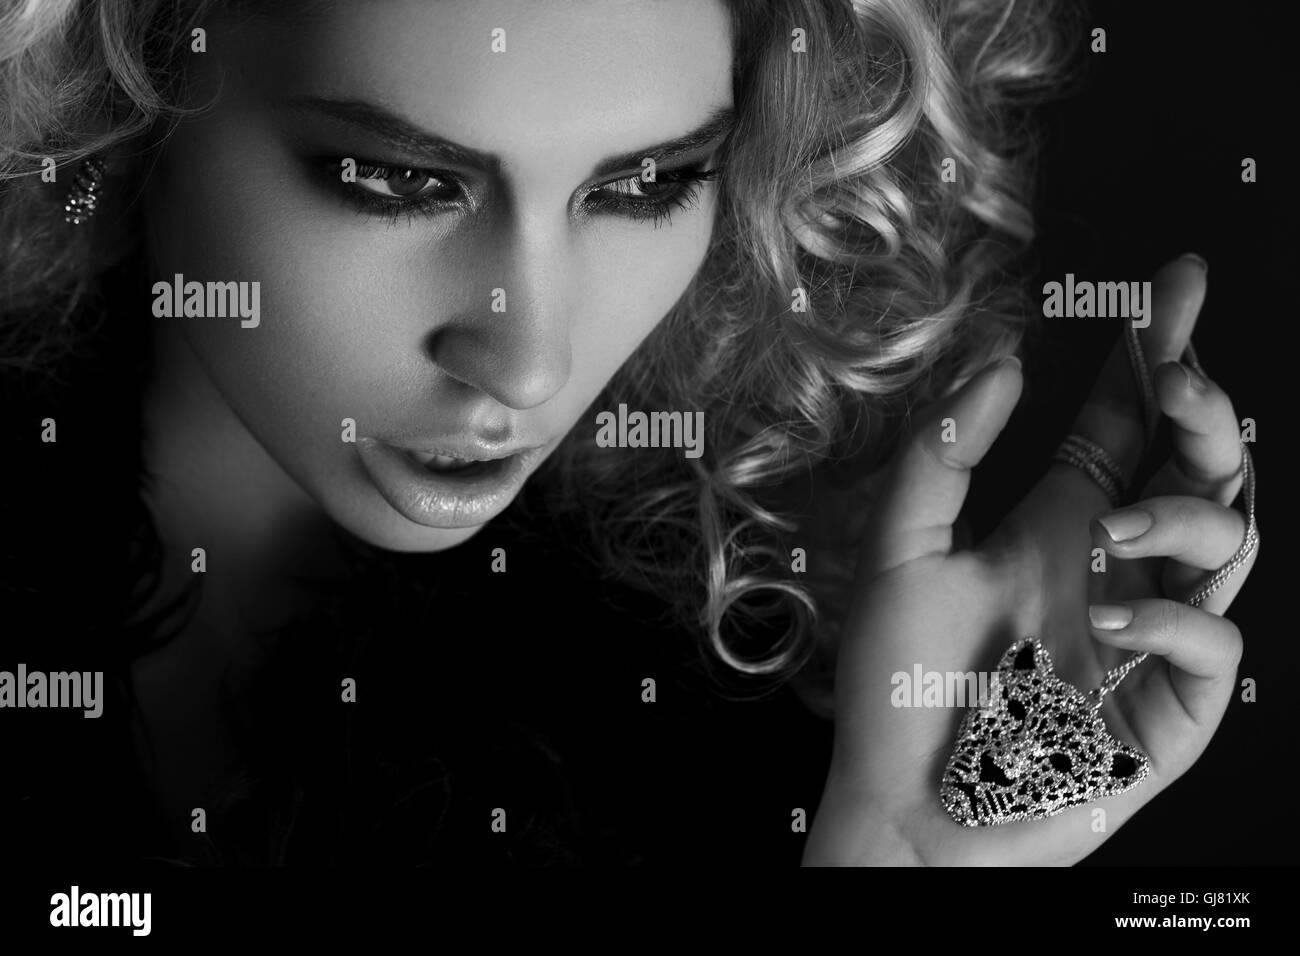 beauty Shot, jewel, leopard, side view - Stock Image